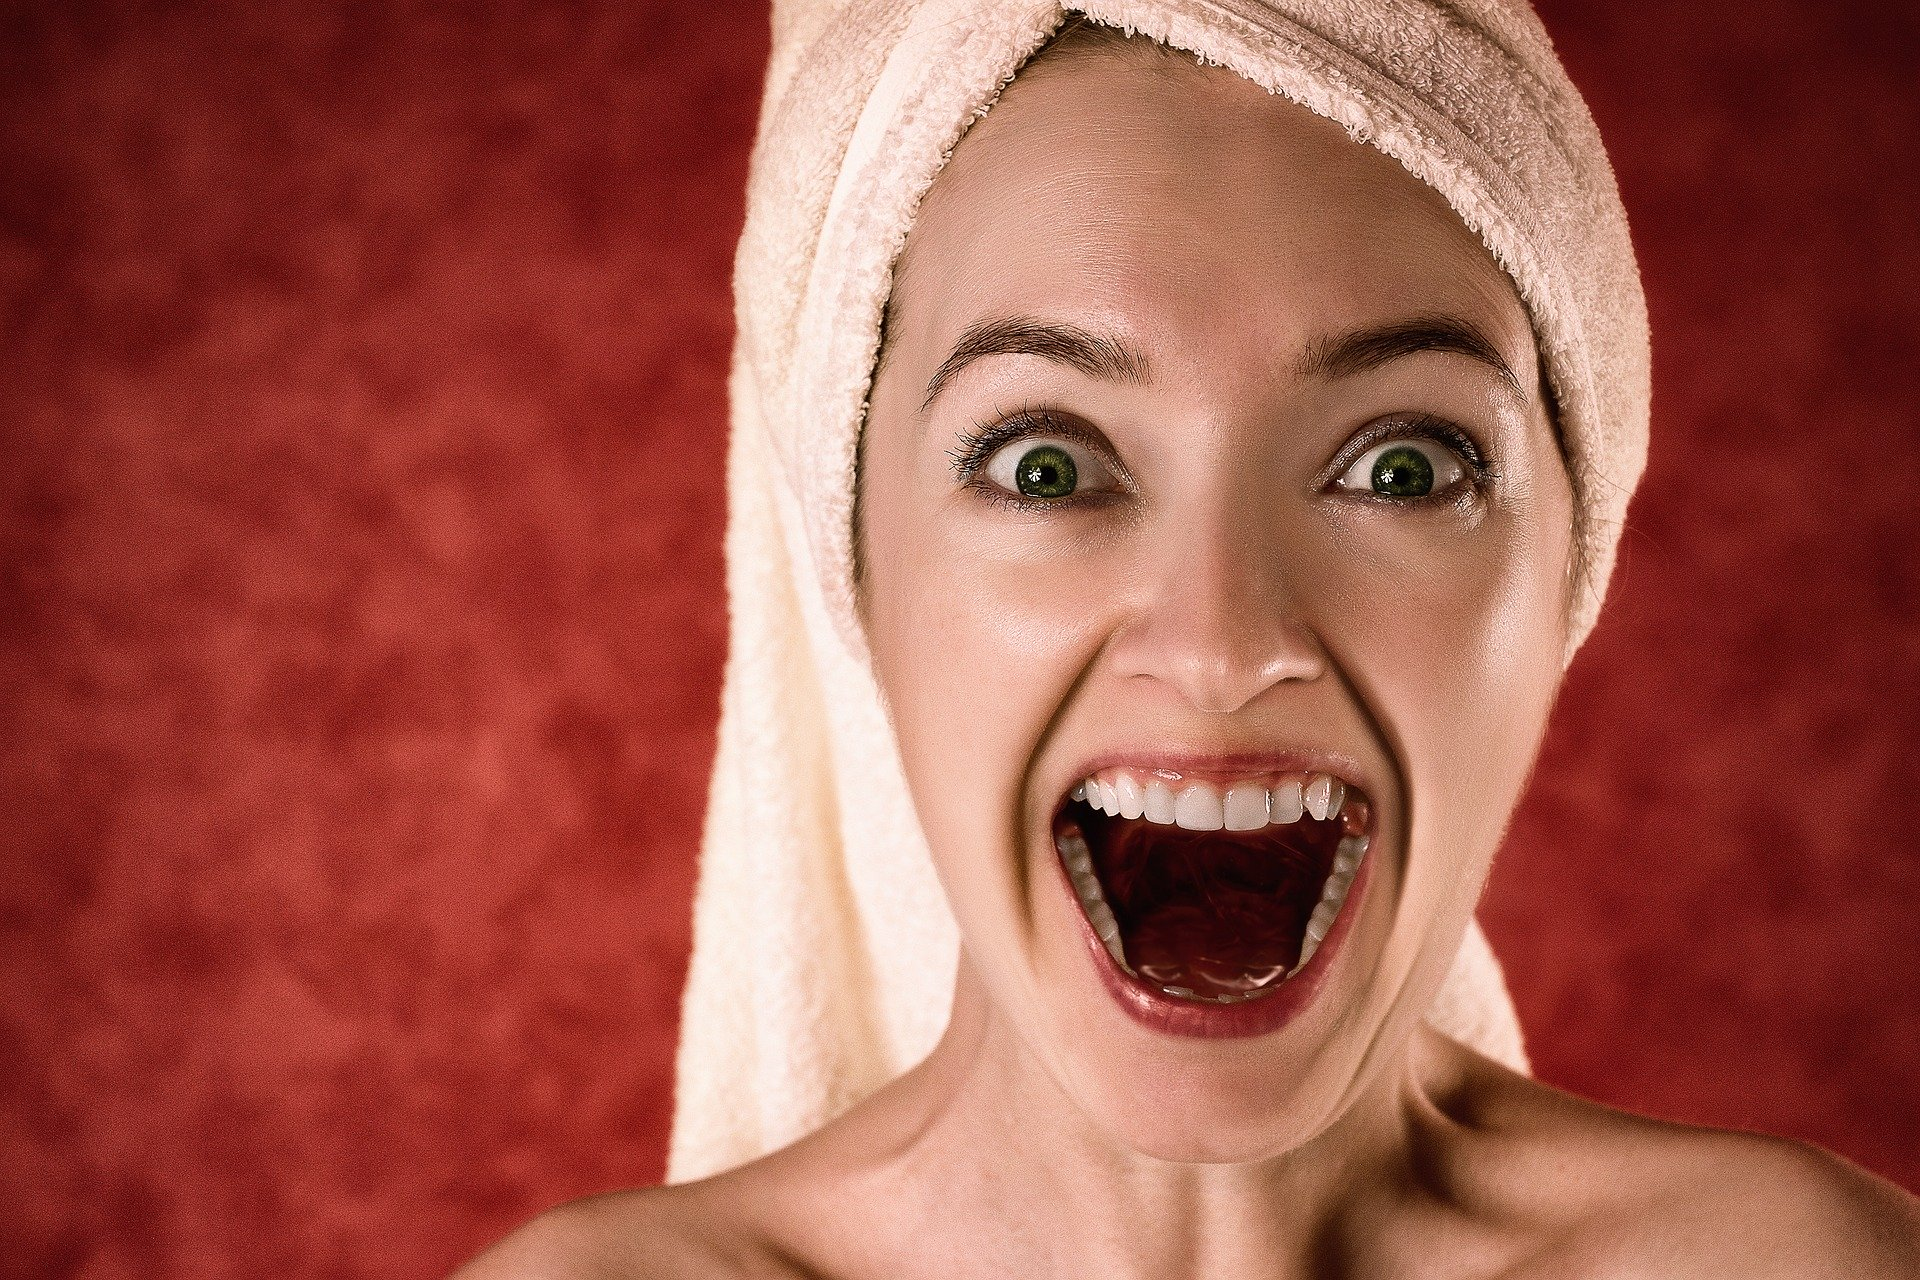 Nuovo test: Cortisolo salivare